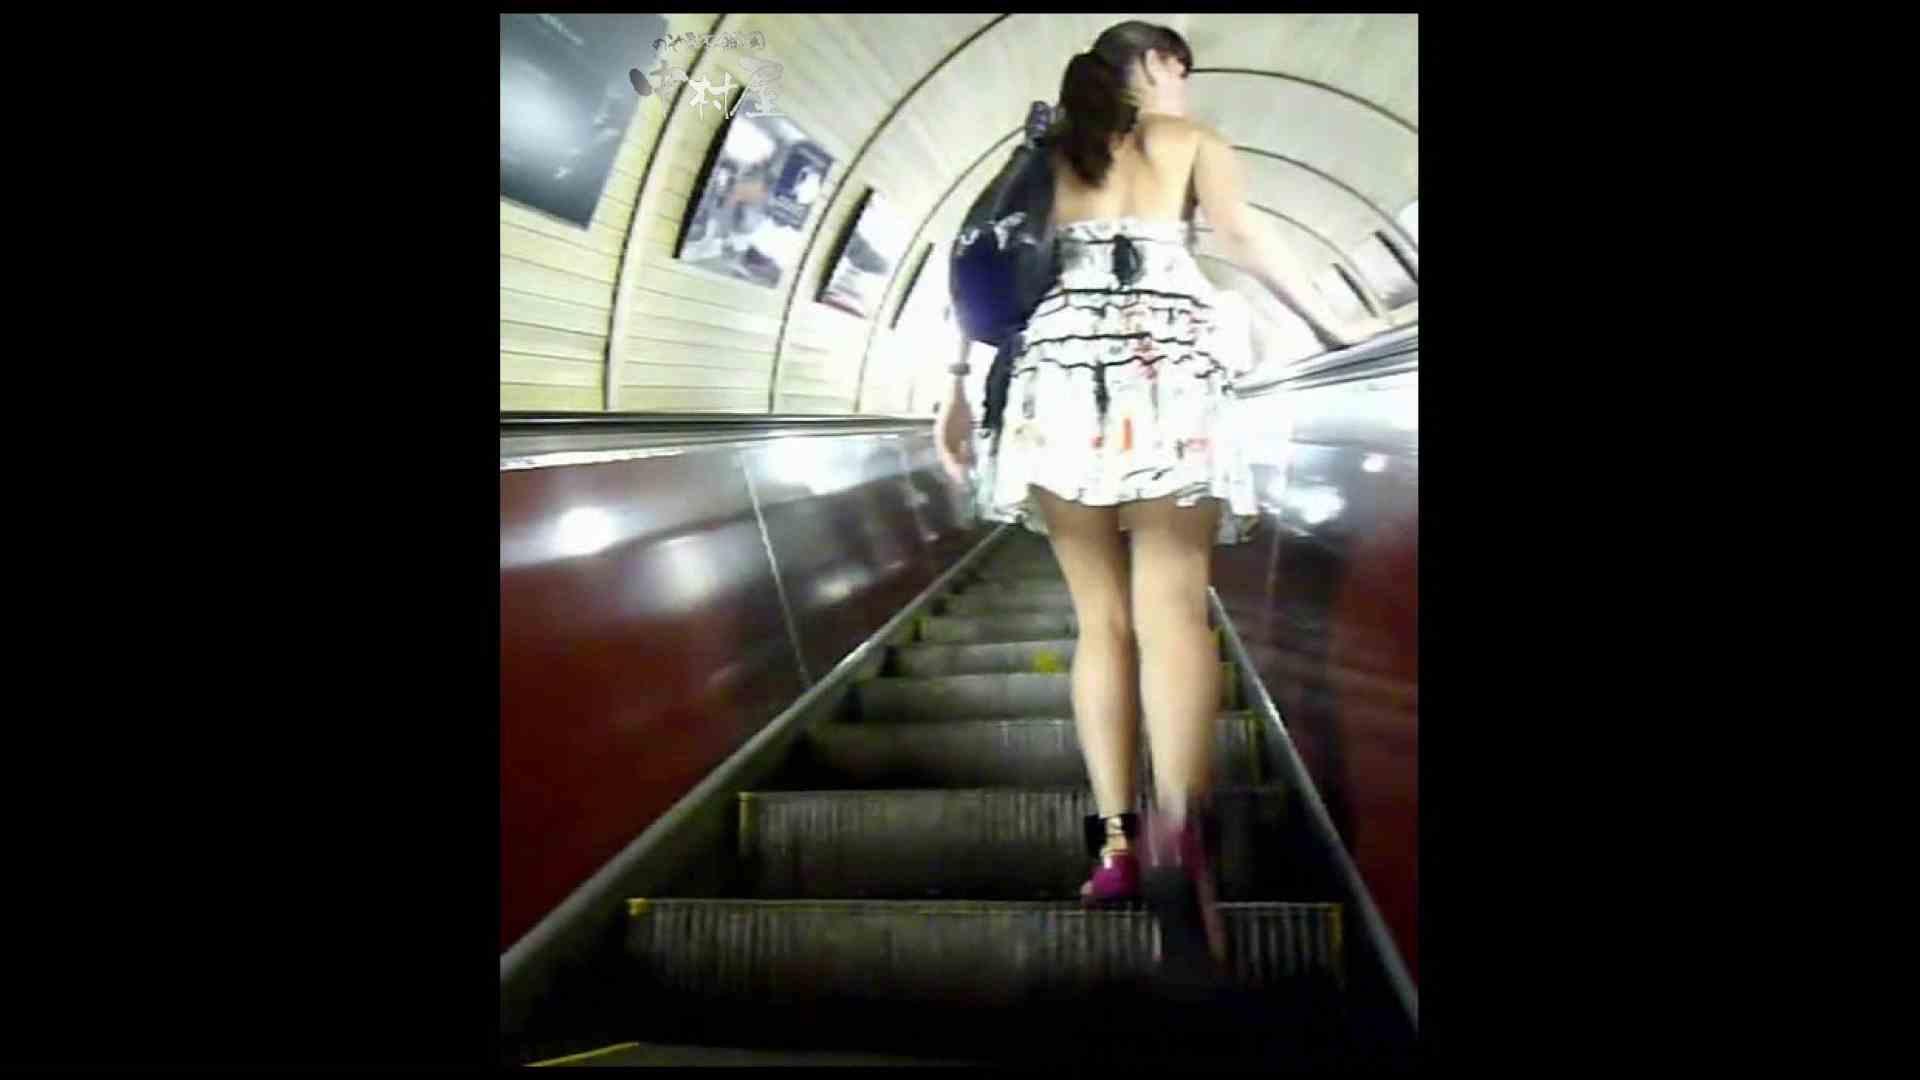 綺麗なモデルさんのスカート捲っちゃおう‼ vol30 お姉さんハメ撮り  109Pix 22